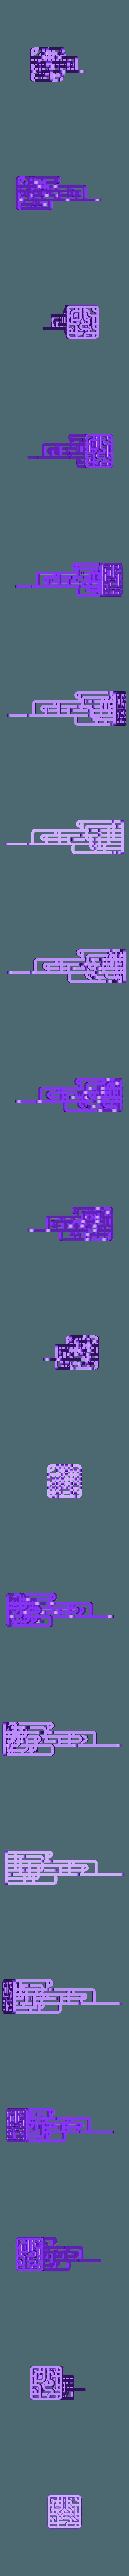 big2.stl Télécharger fichier STL gratuit Boucles de procédure • Design imprimable en 3D, ferjerez3d